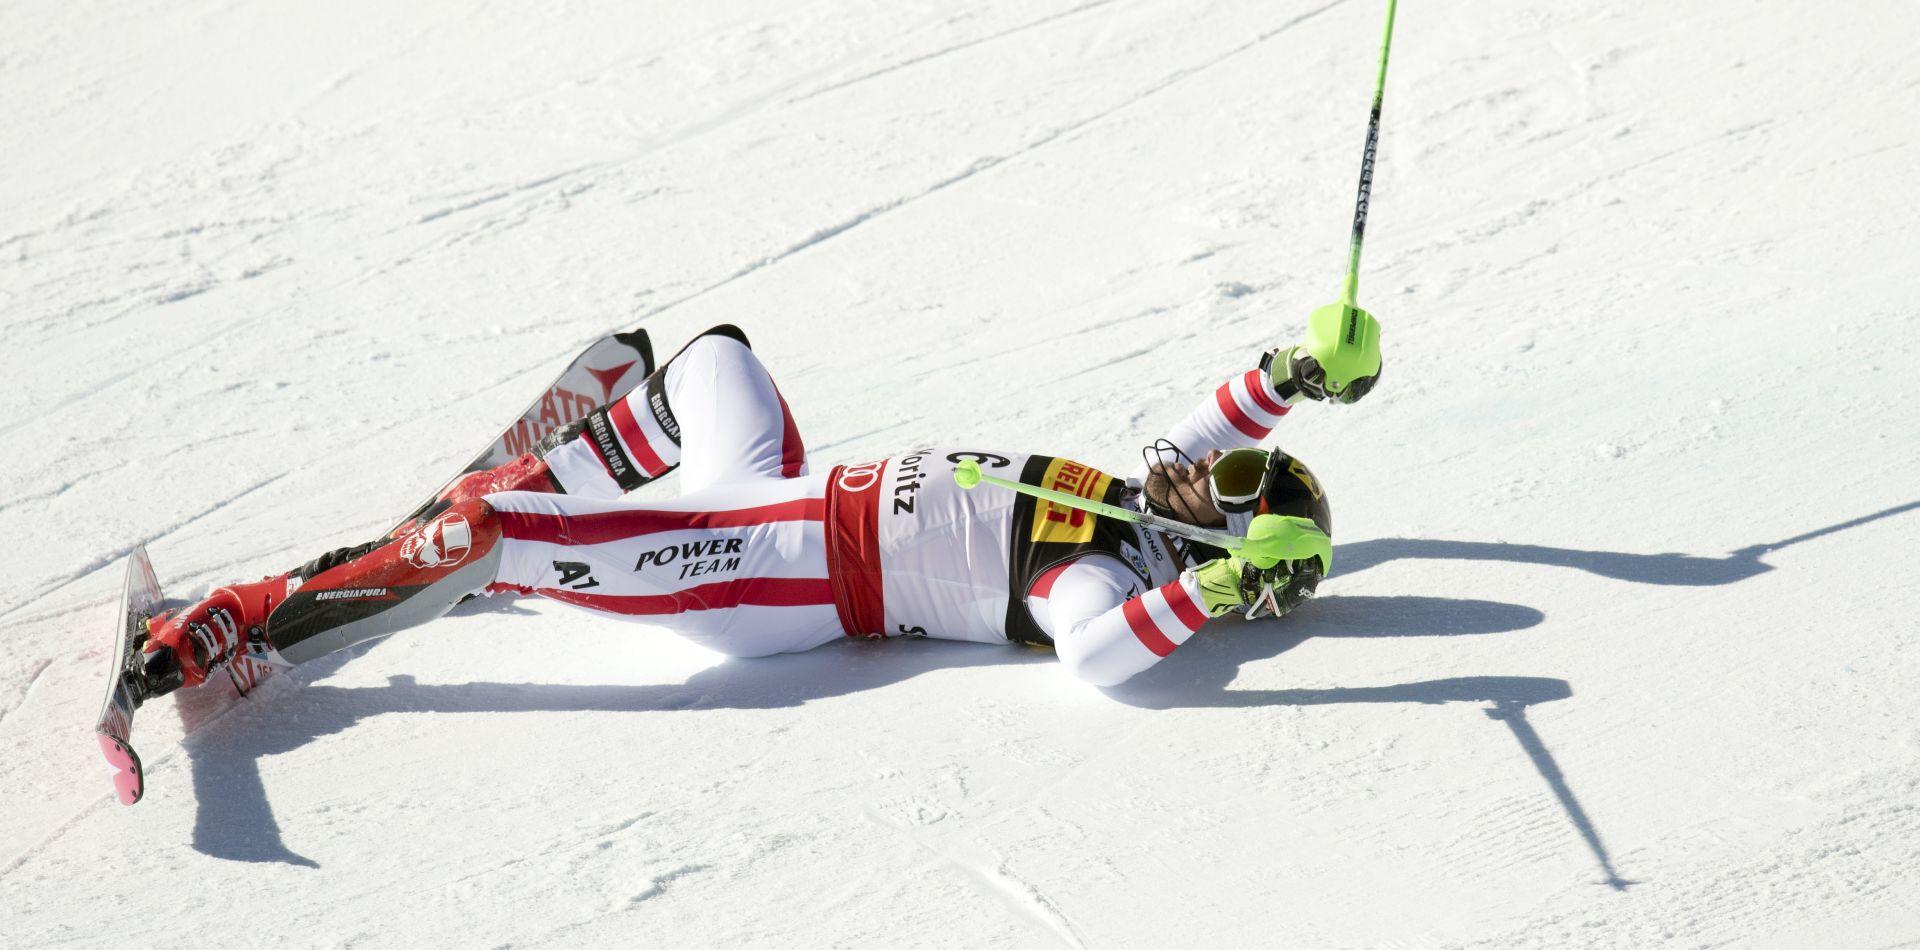 SVJETSKO PRVENSTVO: SLALOM Drugo zato za Hirschera, Kostelić se oprostio sa 38. mjestom